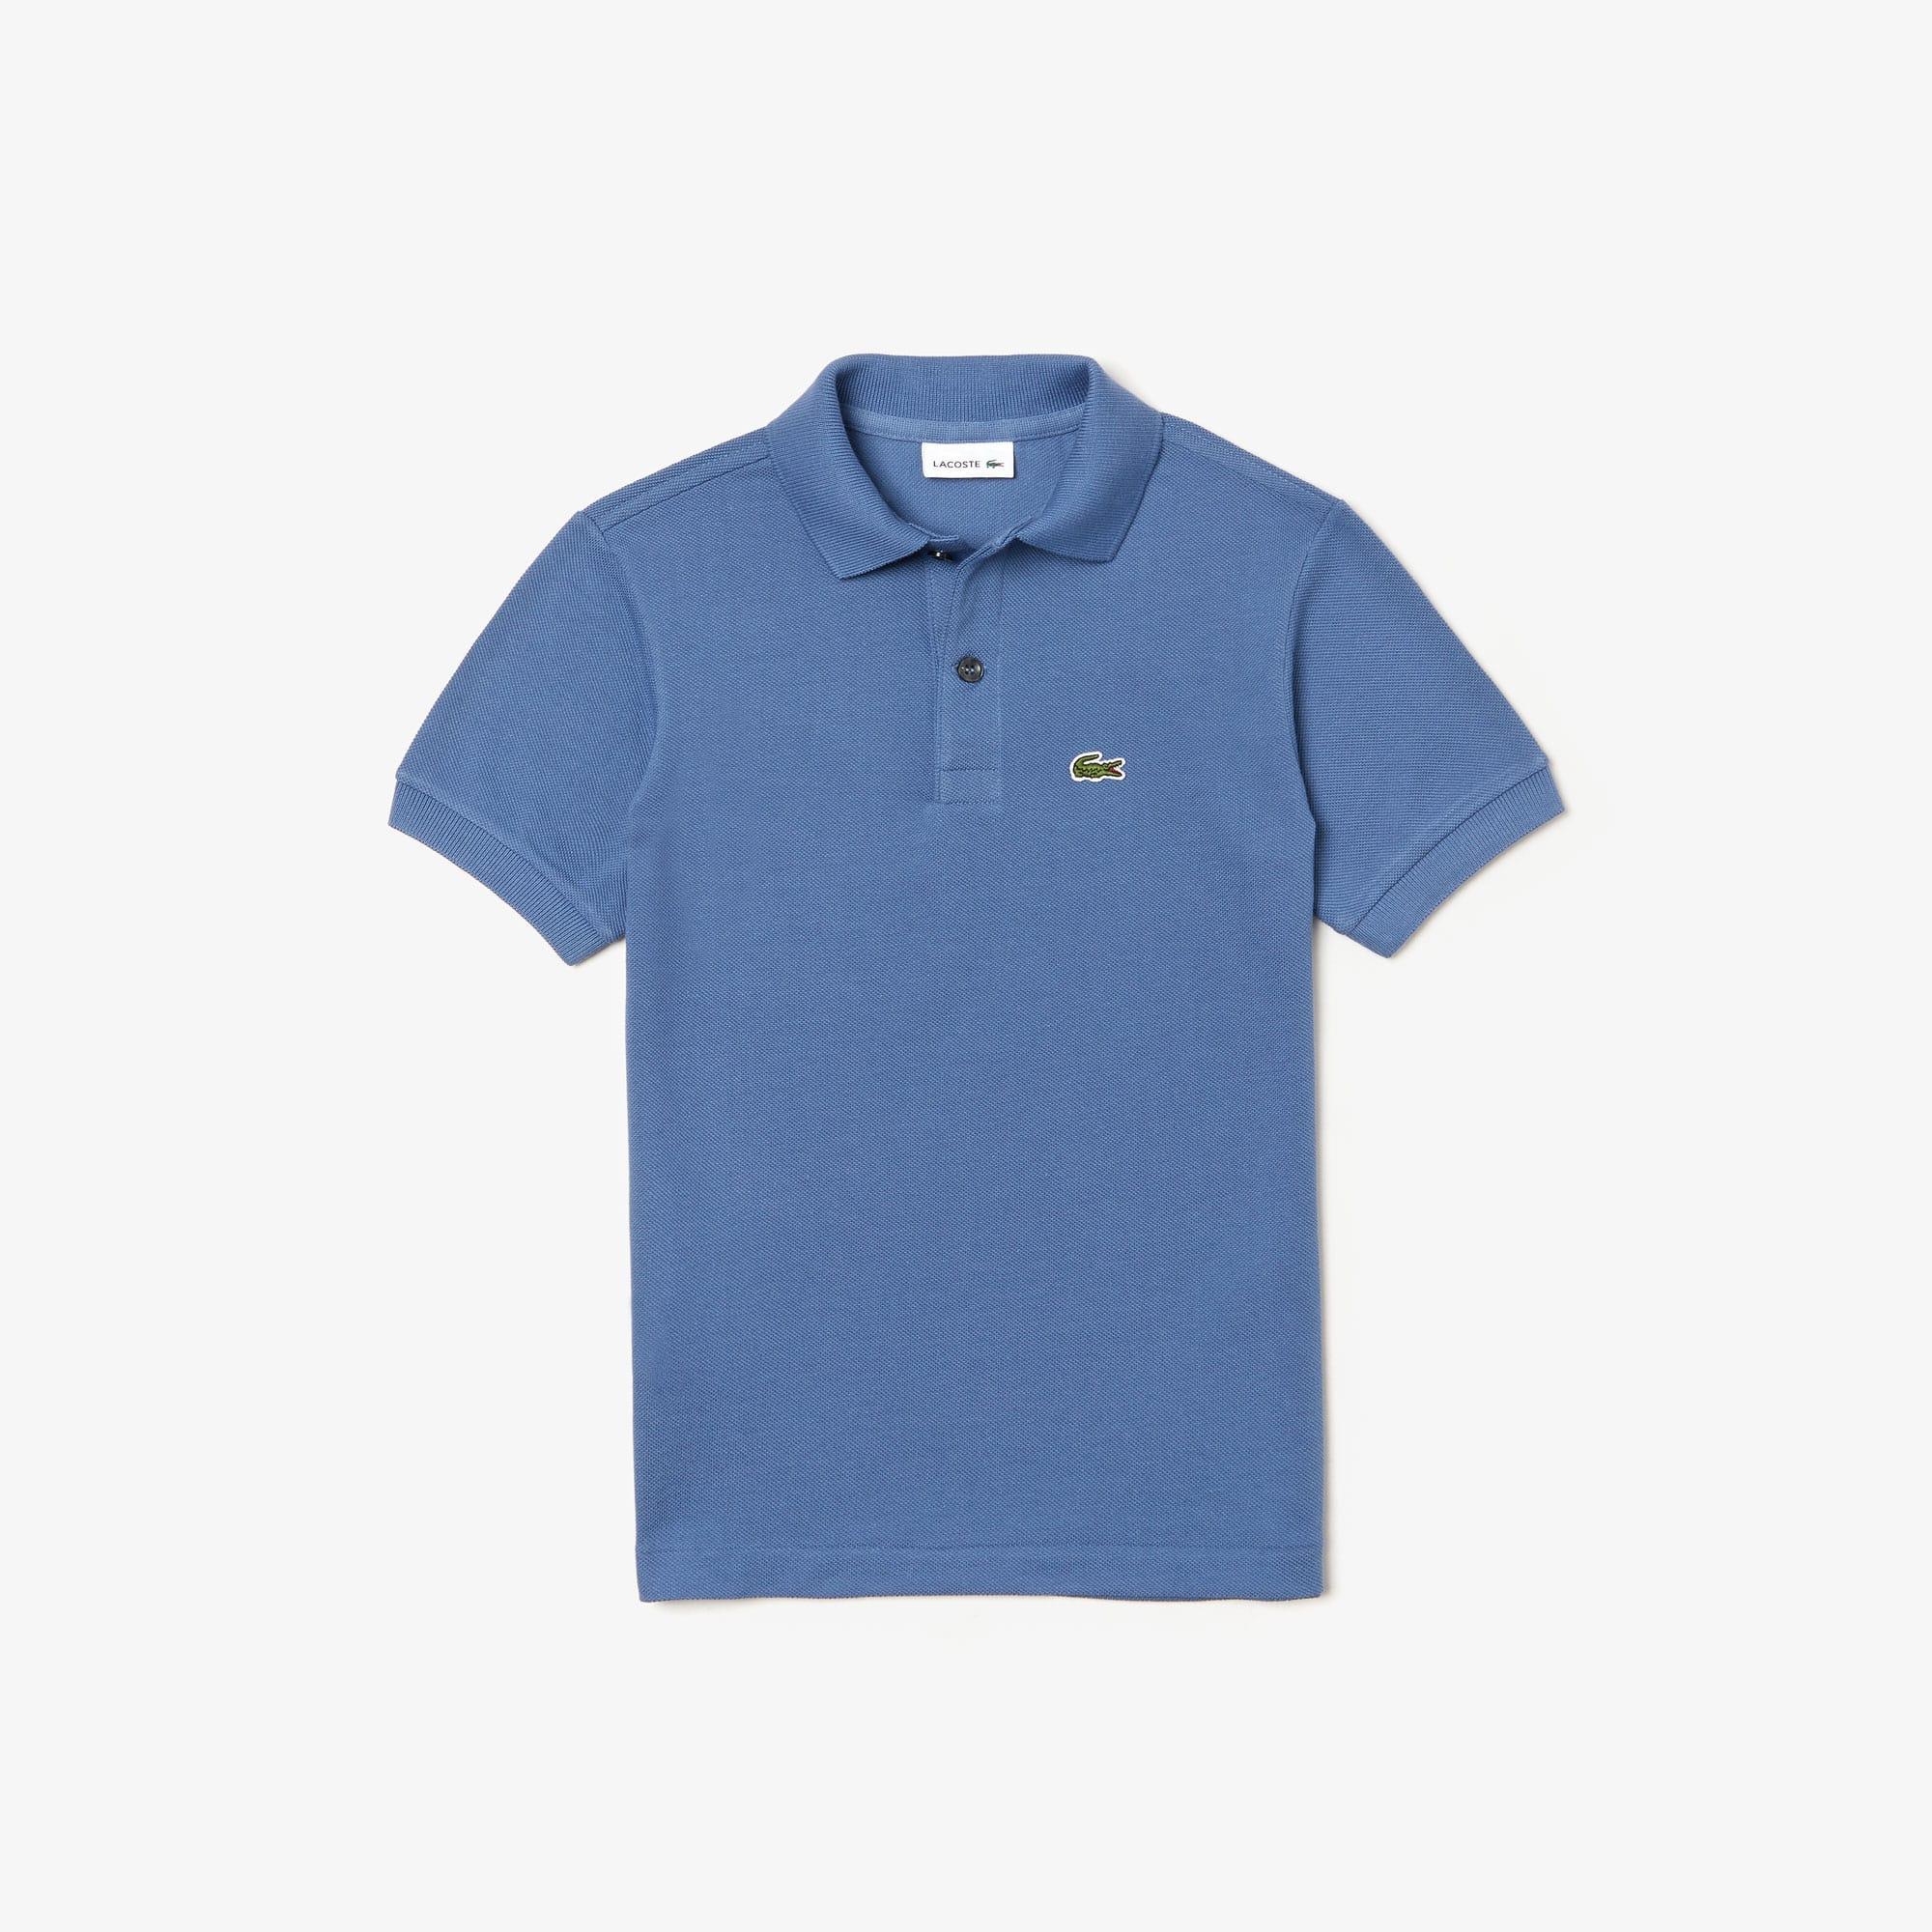 Boutique Polo GoodsLacoste ShirtsShoesLeather Polo ShirtsShoesLeather Online WrCxBdoe